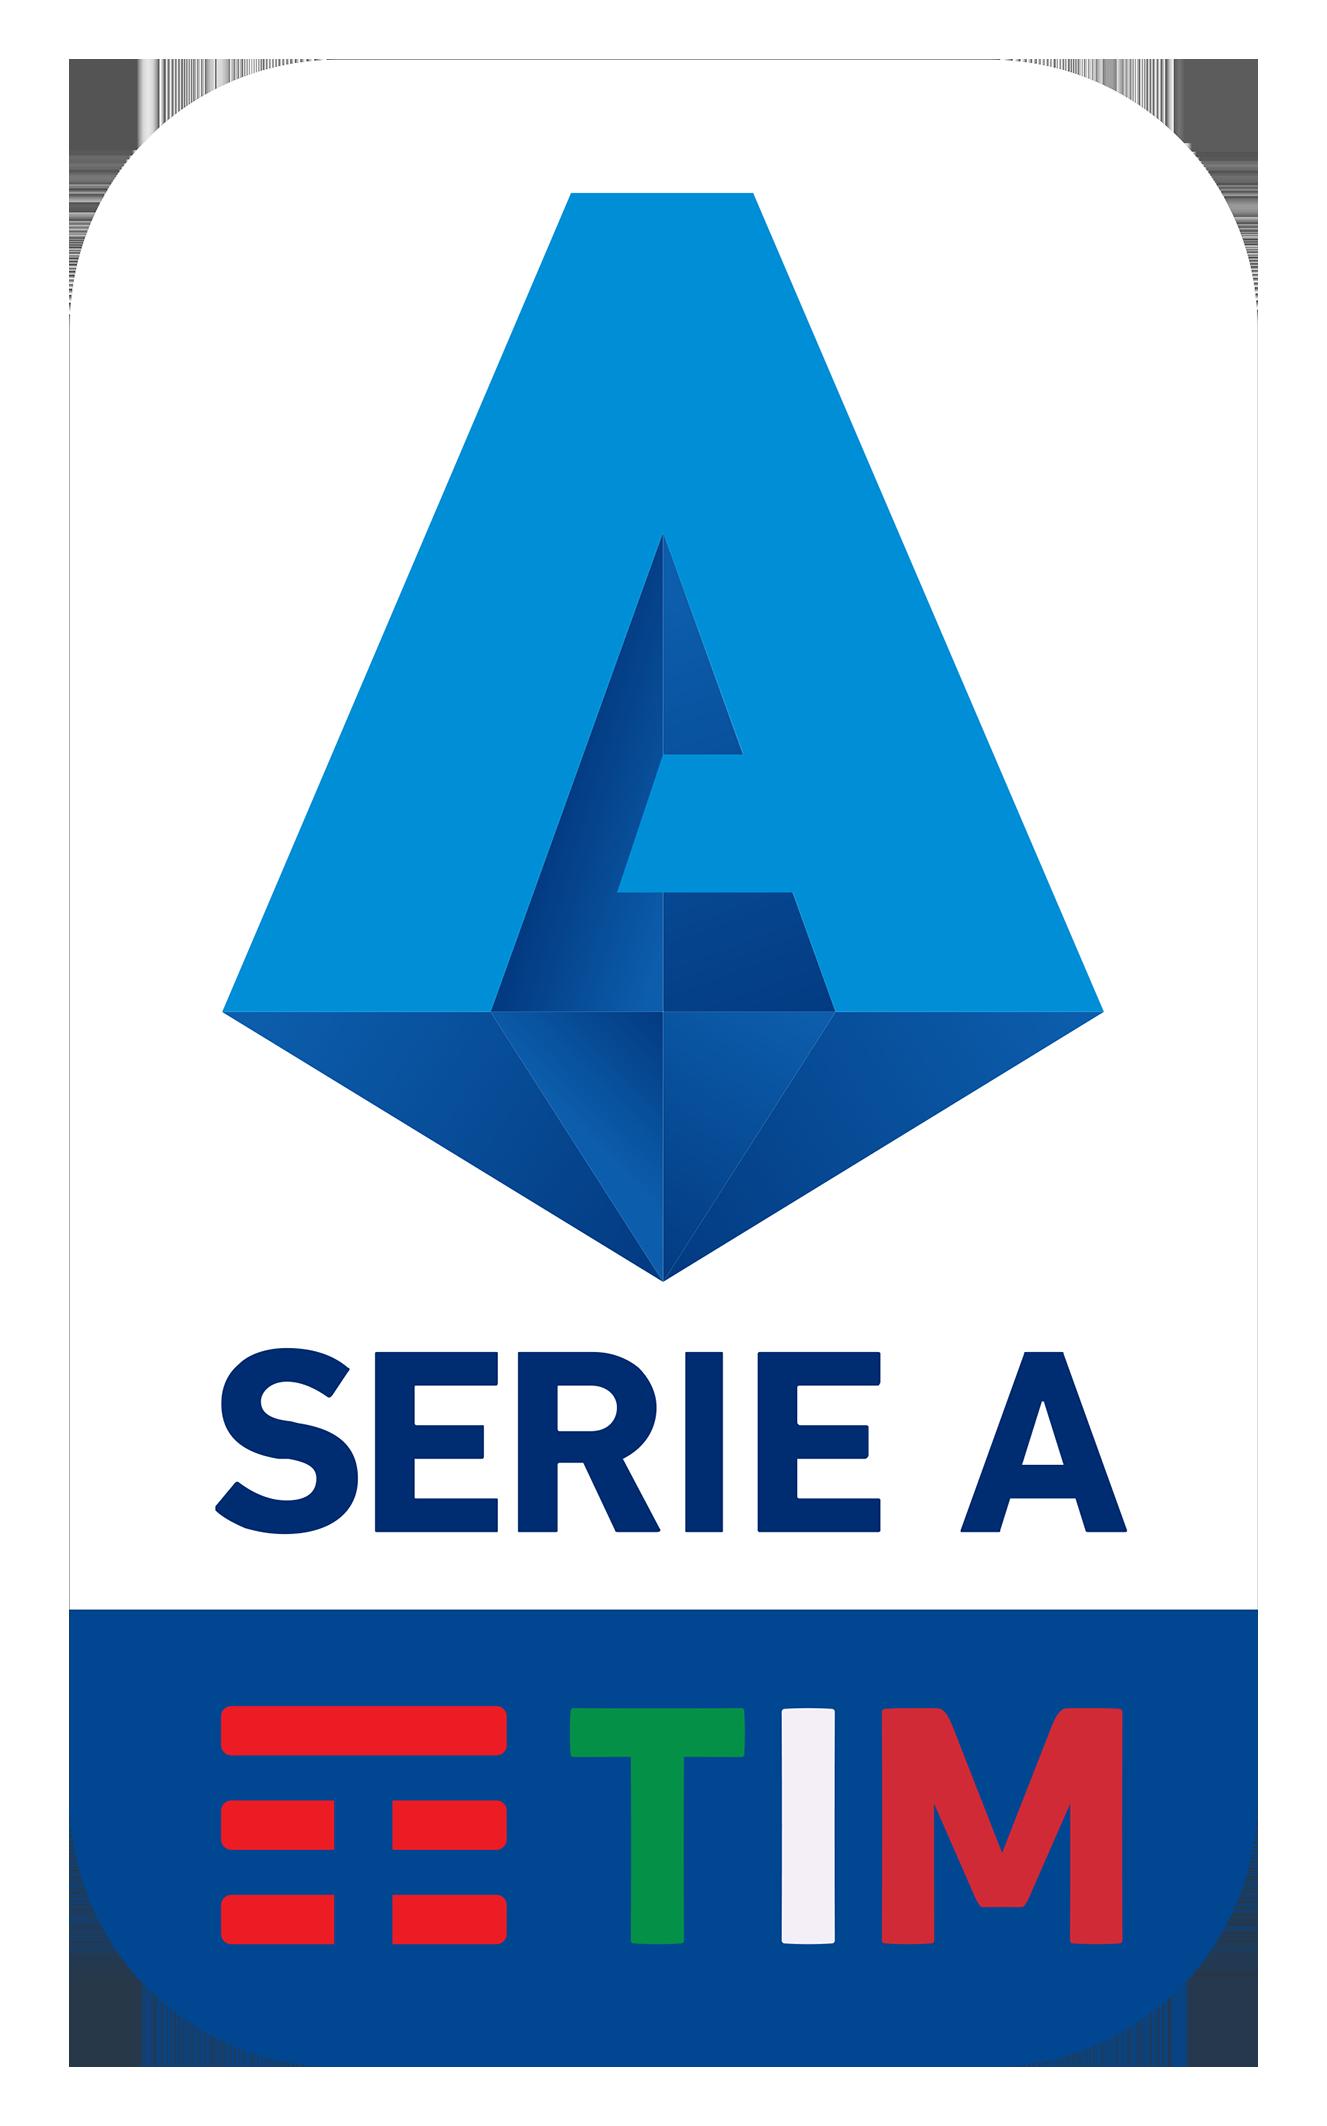 Serie A TIM 2019/20 Logo | Logos, Football logo, Gaming logos